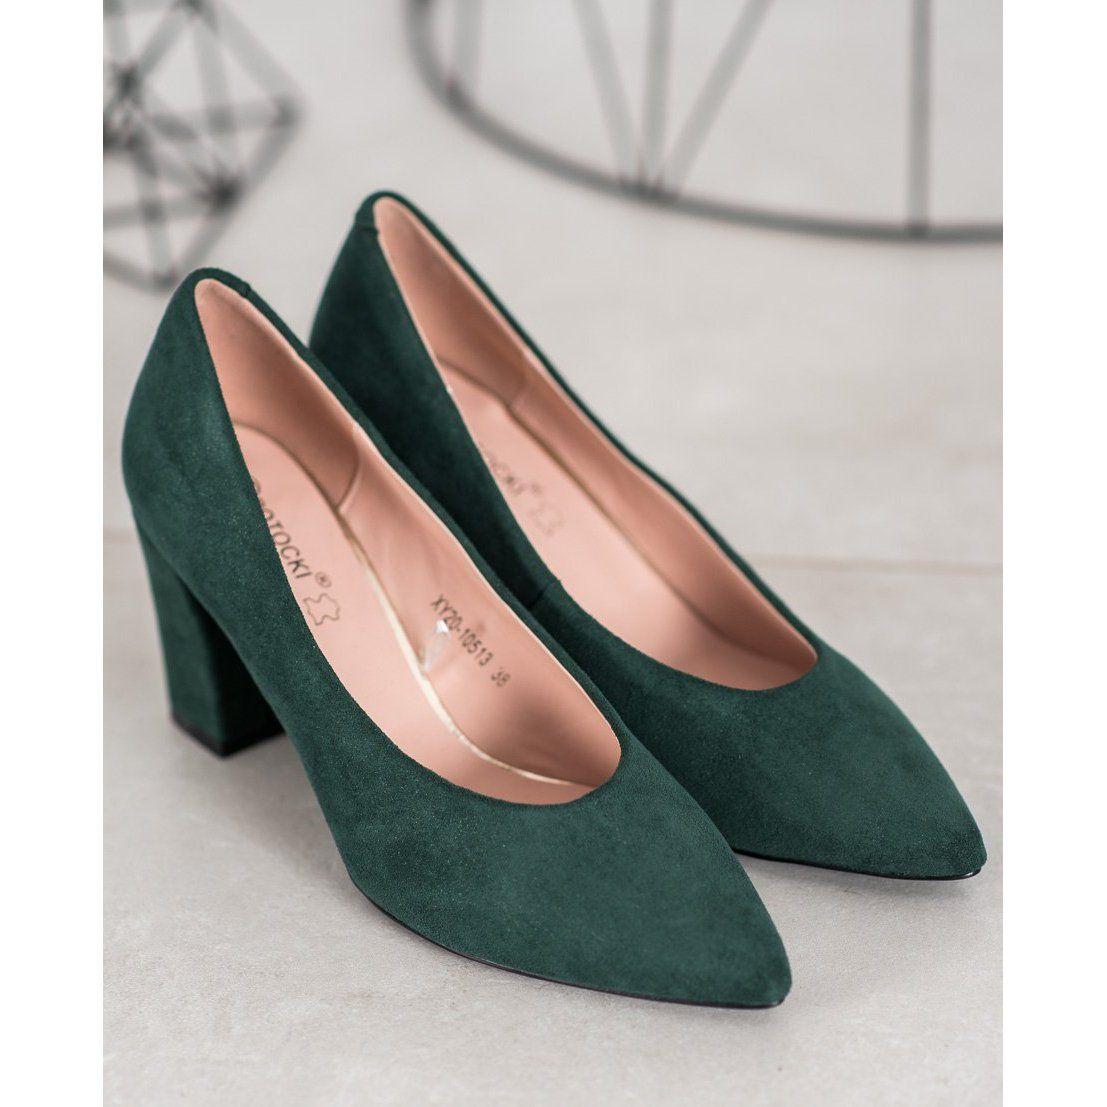 W Potocki Czolenka Z Brokatem Zielone Heels Pumps Shoes